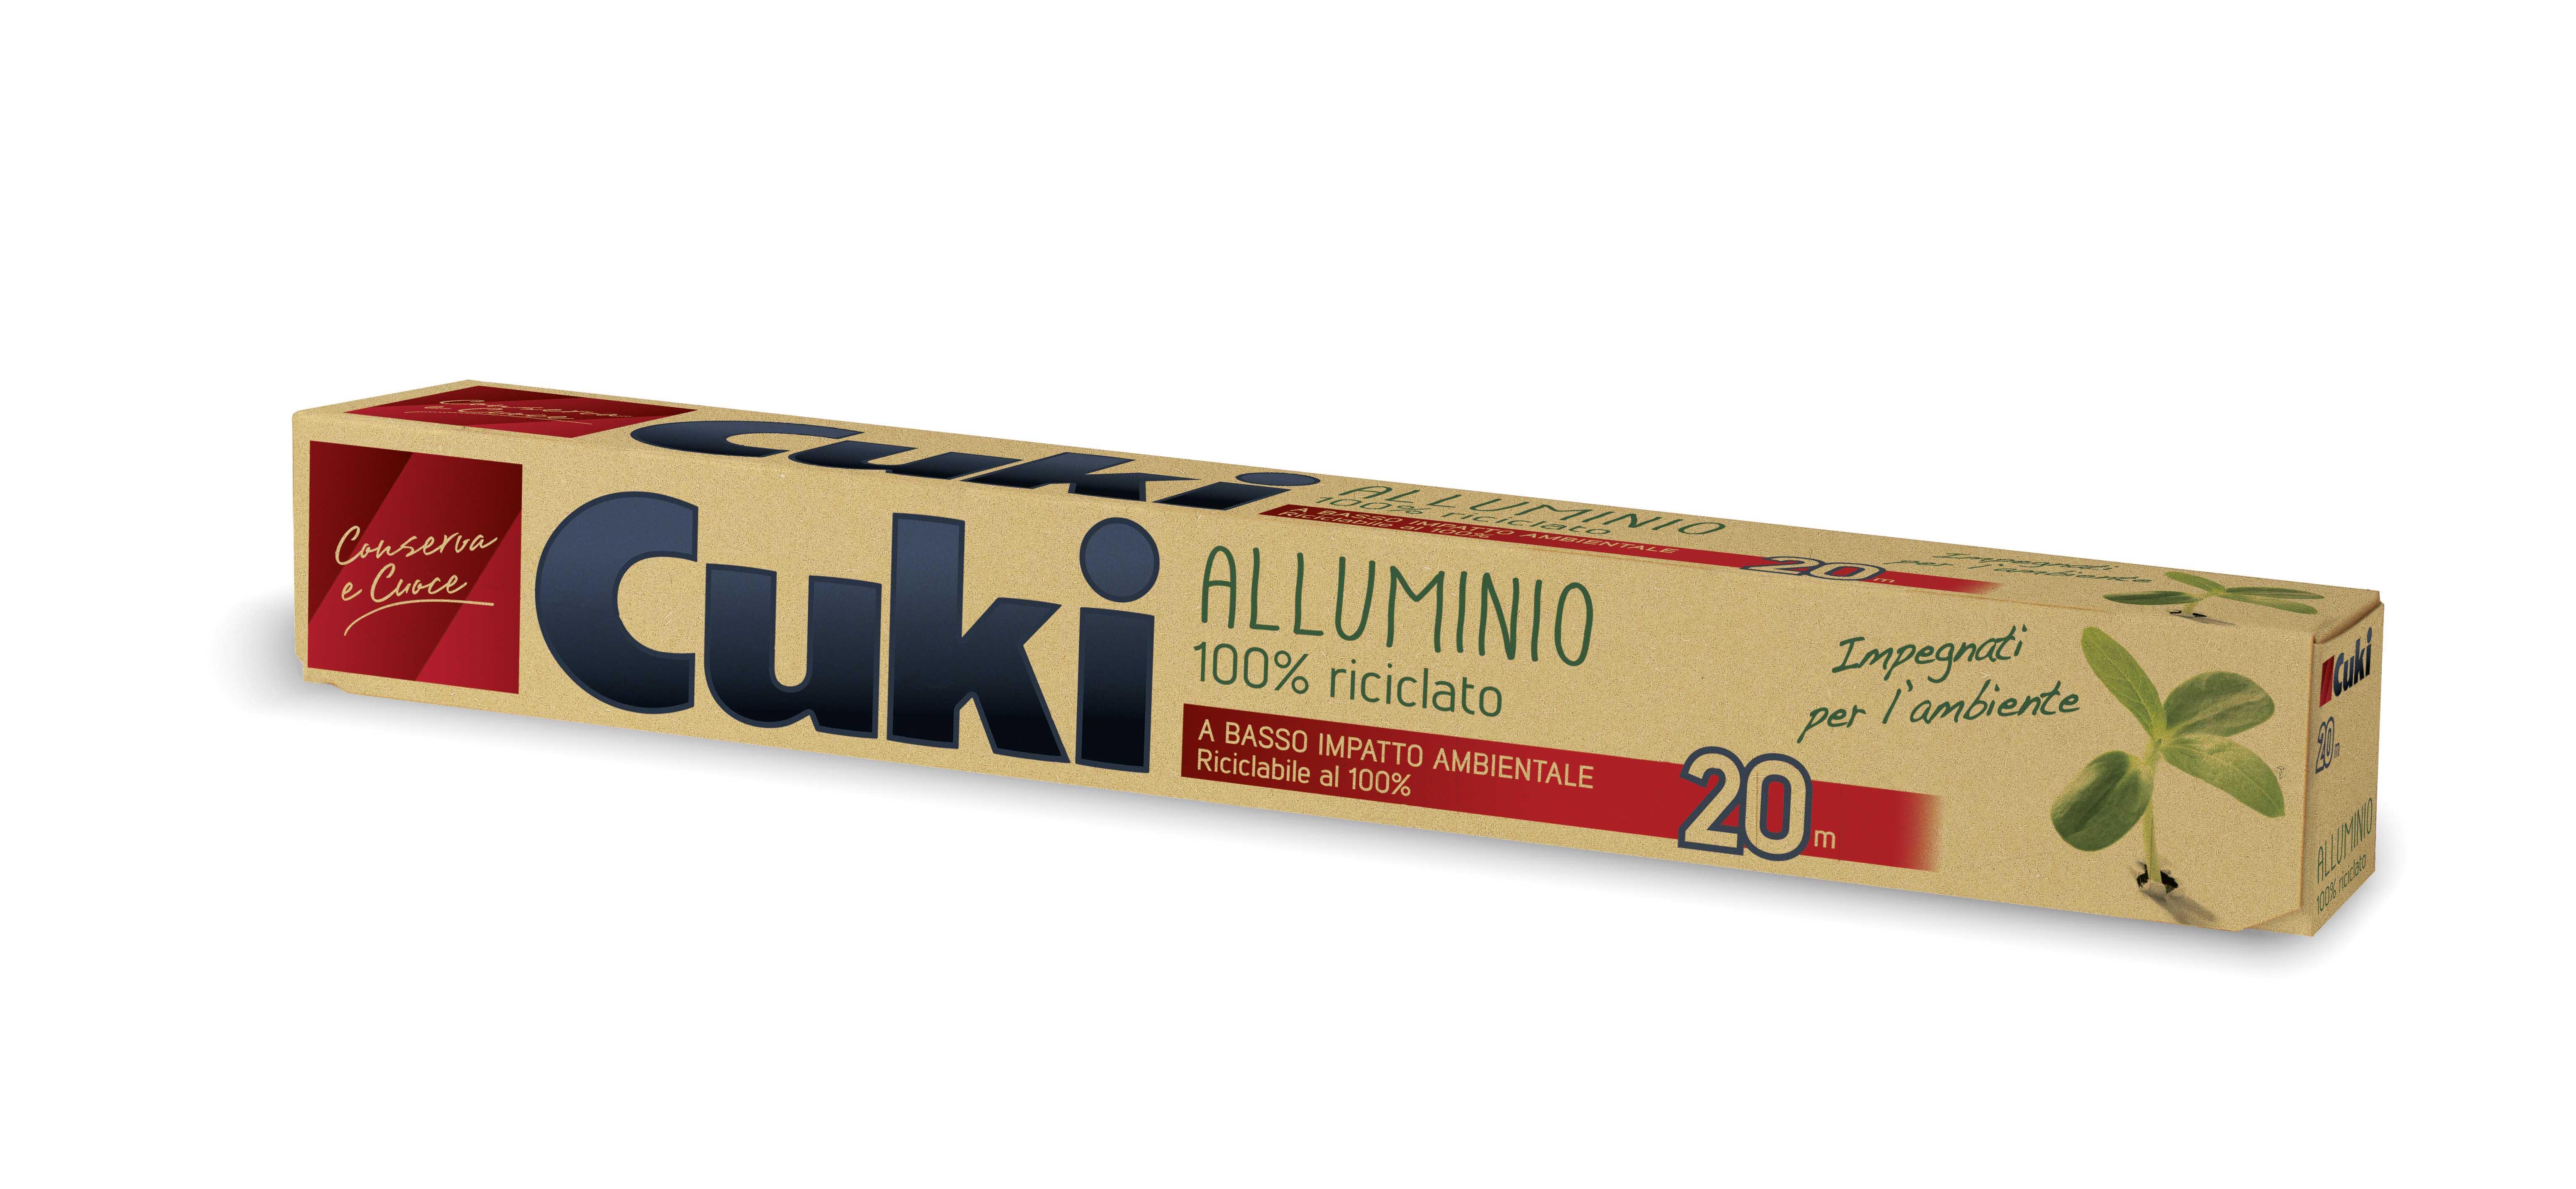 ALLUMINIO CUKI 20 M. 100% RICIC